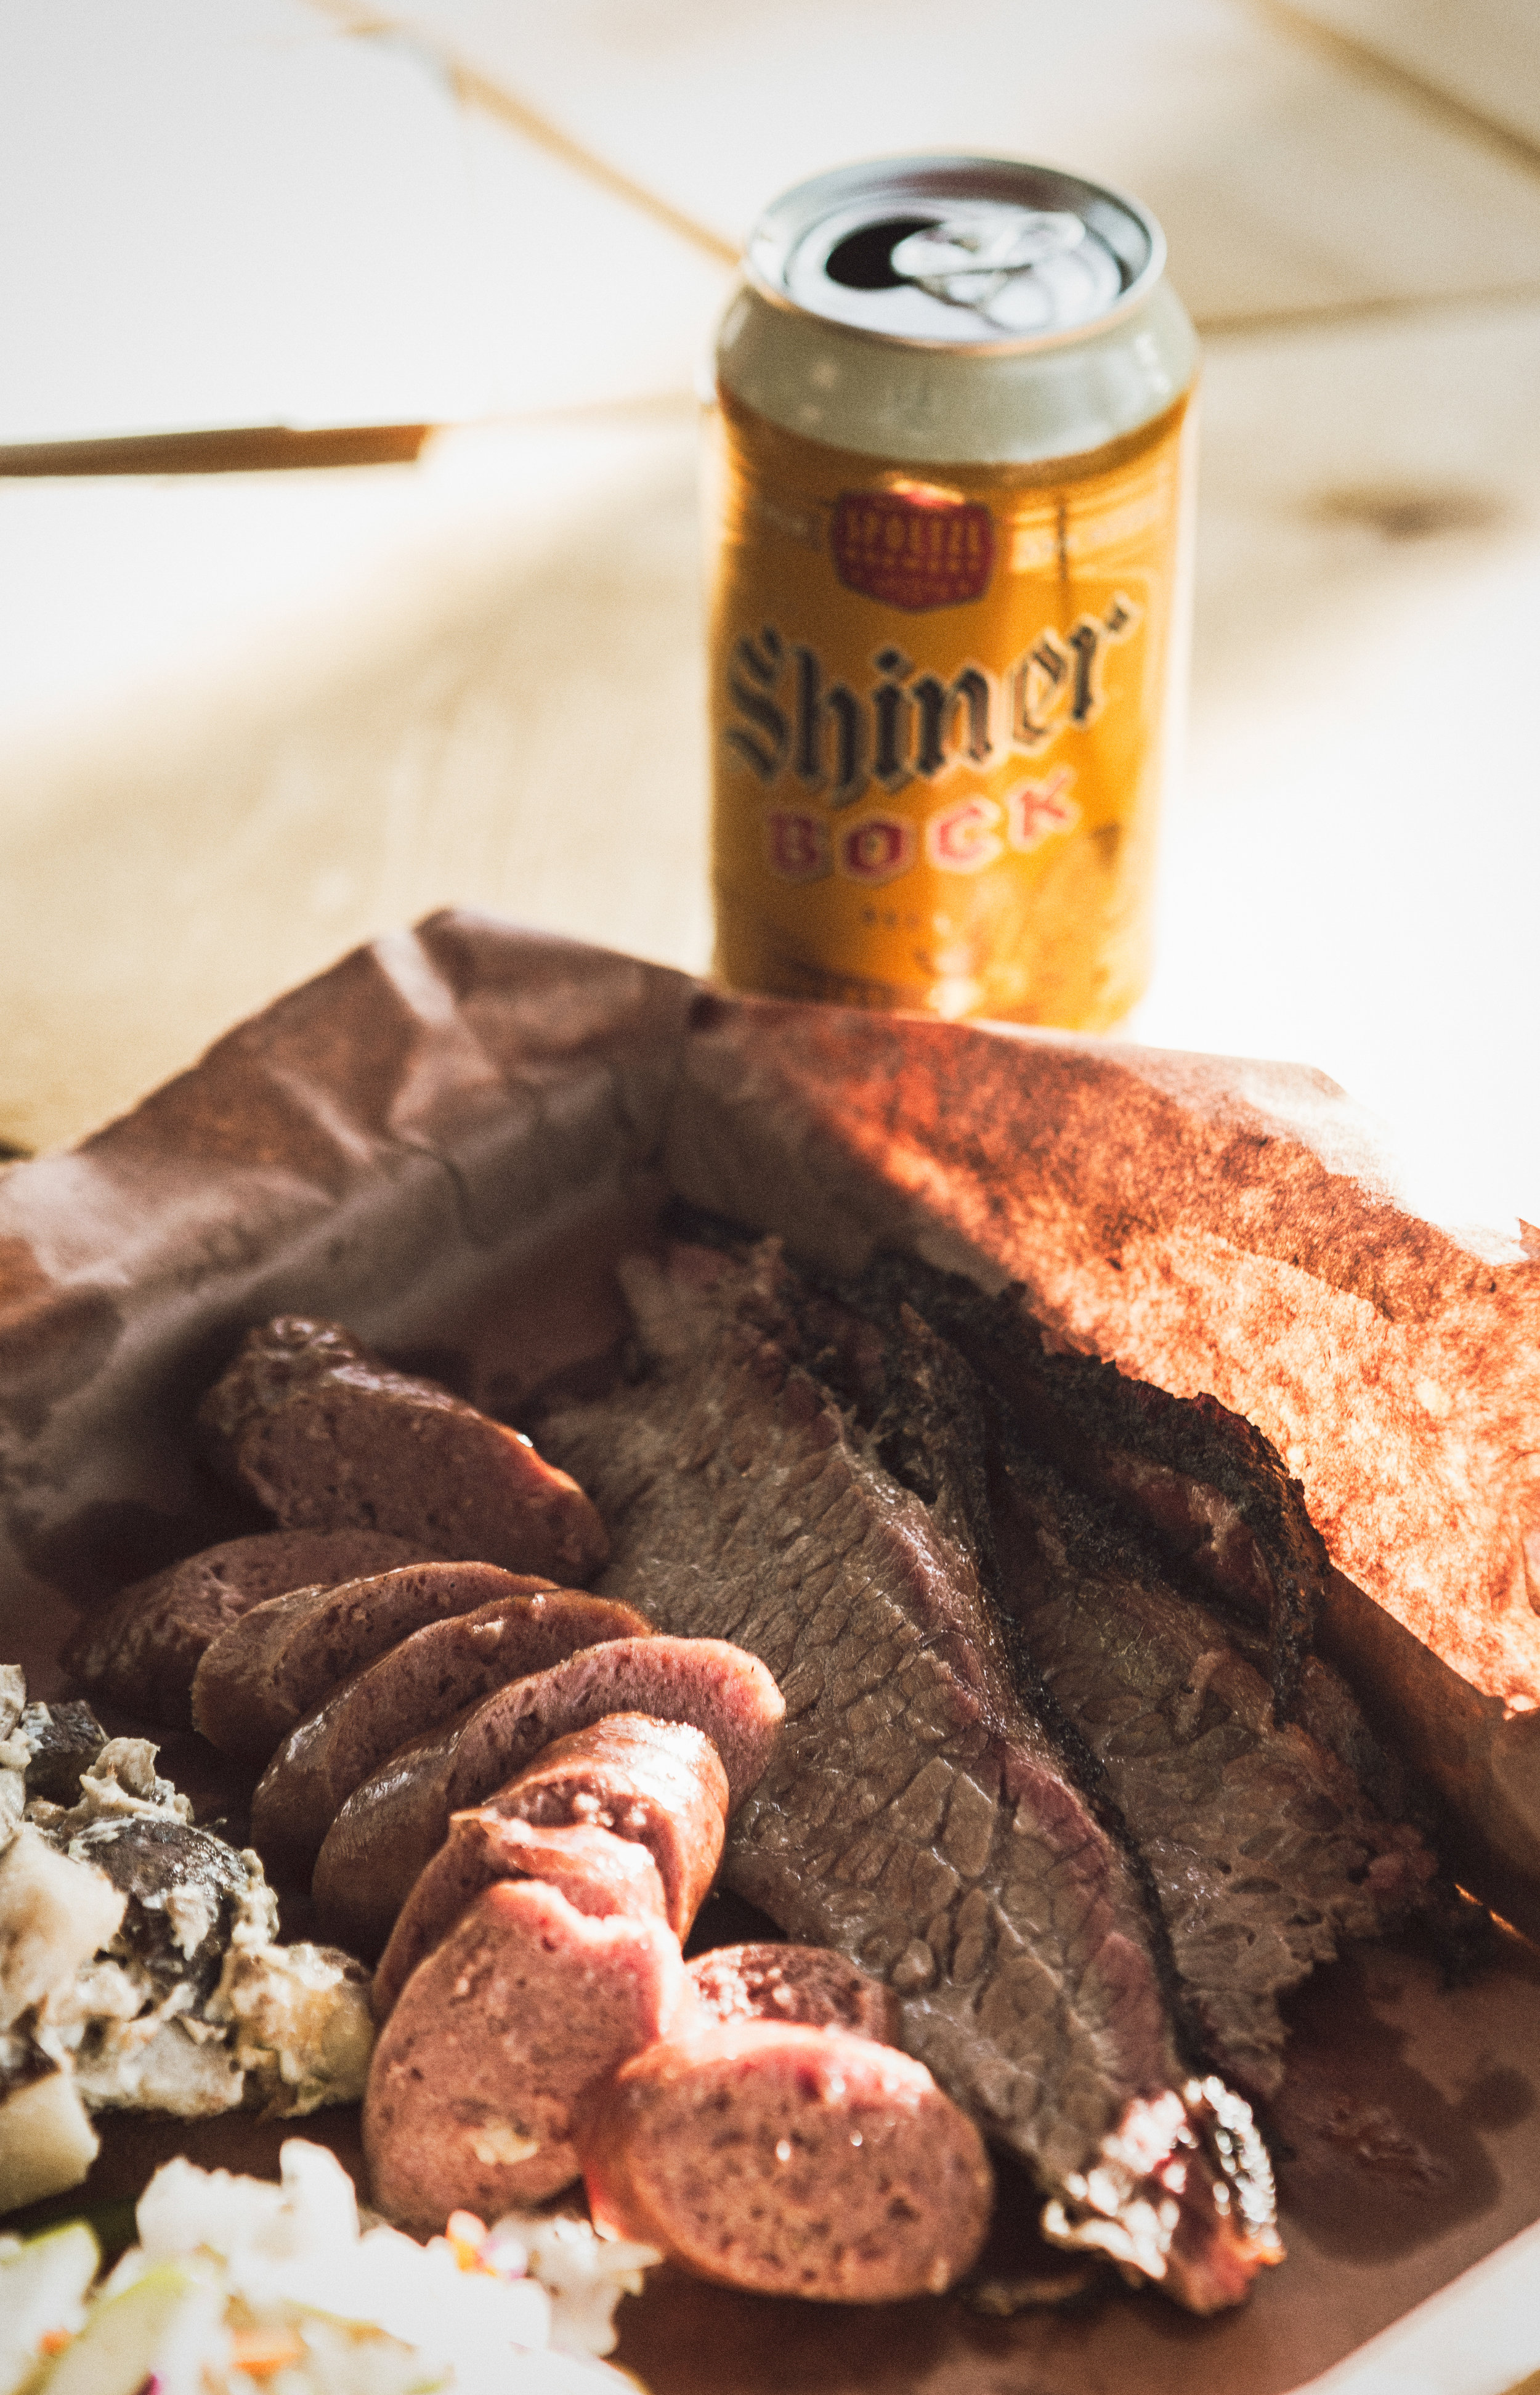 Bumbershoot BBQ - Argyle, TX - We Denton Do It - 366.jpg